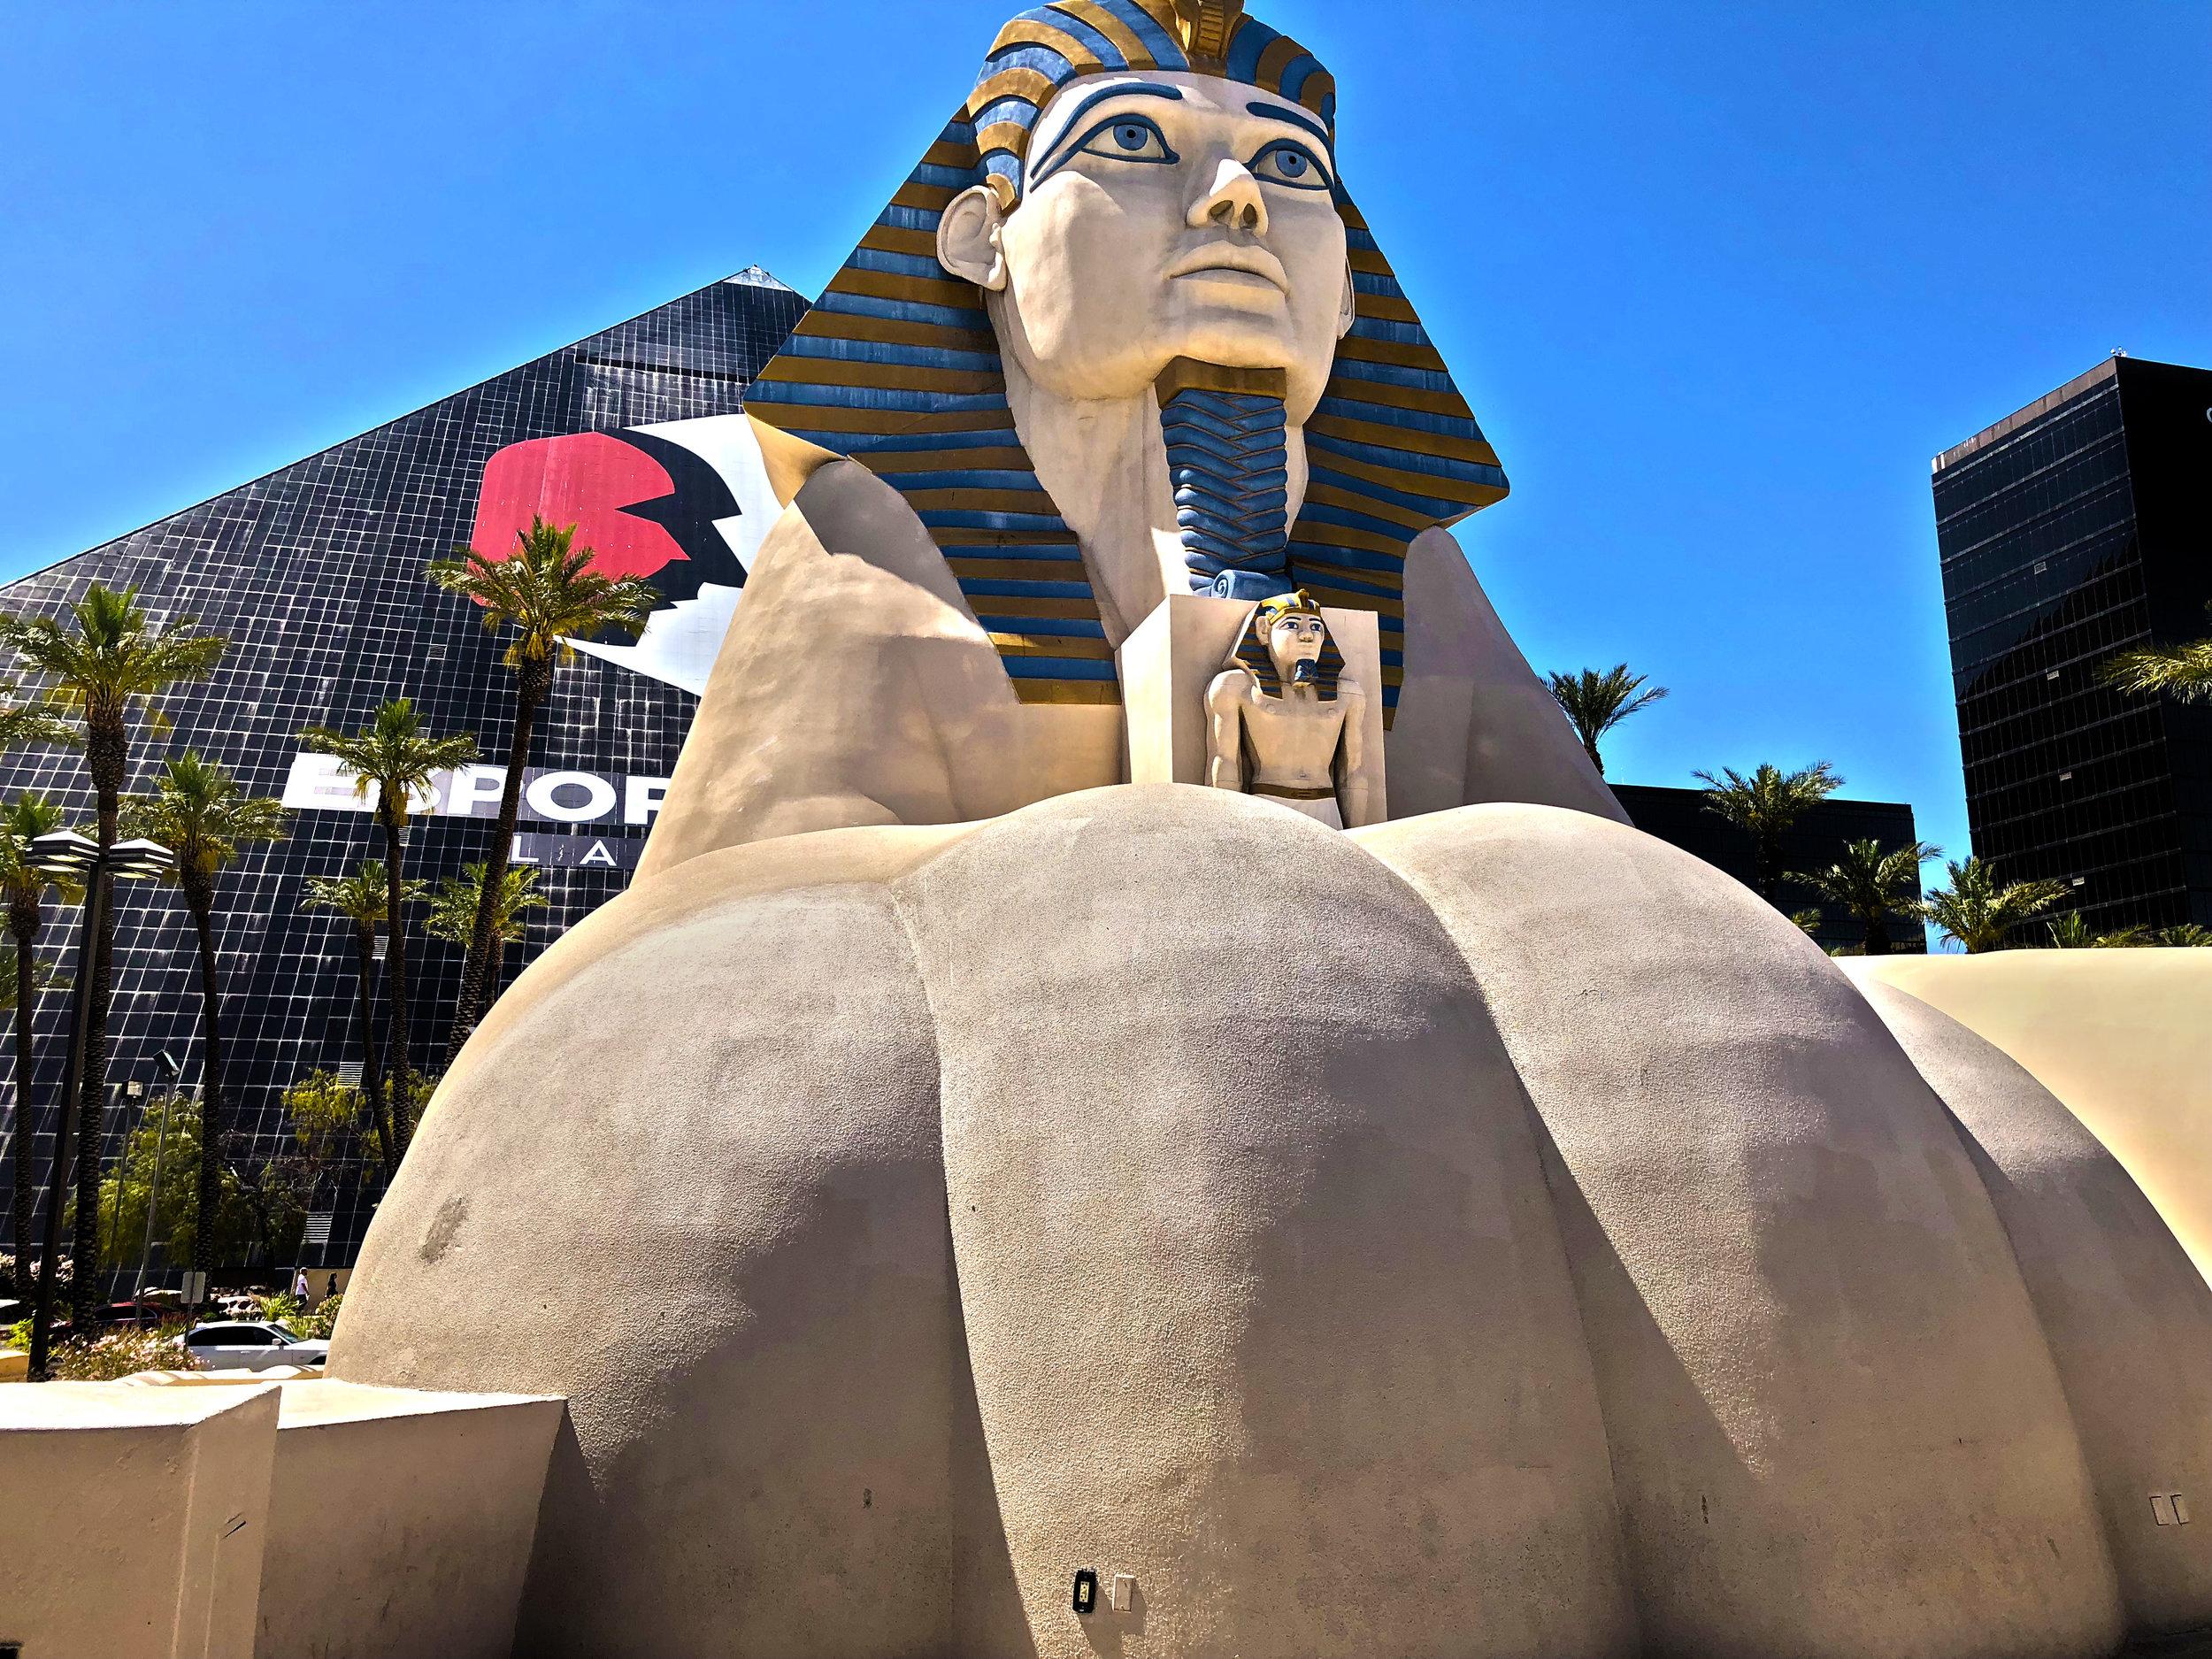 """Luxor - Eröffnet: 1993Casino-Grösse: 11'150m²Resort-Fee: 35 US-DollarZimmeranzahl: 4400 Zimmer, 236 Suiten (inkl. neuem Tower)Eines der ikonischen Themenhotels in Las Vegas. Die Zimmer in der Pyramide sind wegen der schrägen Wand teils extrem klein, die Suiten im neuen Tower hingegen sind sehr gross und kostengünstig. Mit der """"Blue Man Group"""" und """"Carrot Top"""" hat das Luxor zwei Top-Show-Acts. Der Lichtstrahl an der Spitze der Pyramide kann im ganzen Las Vegas Valley gesehen werden."""